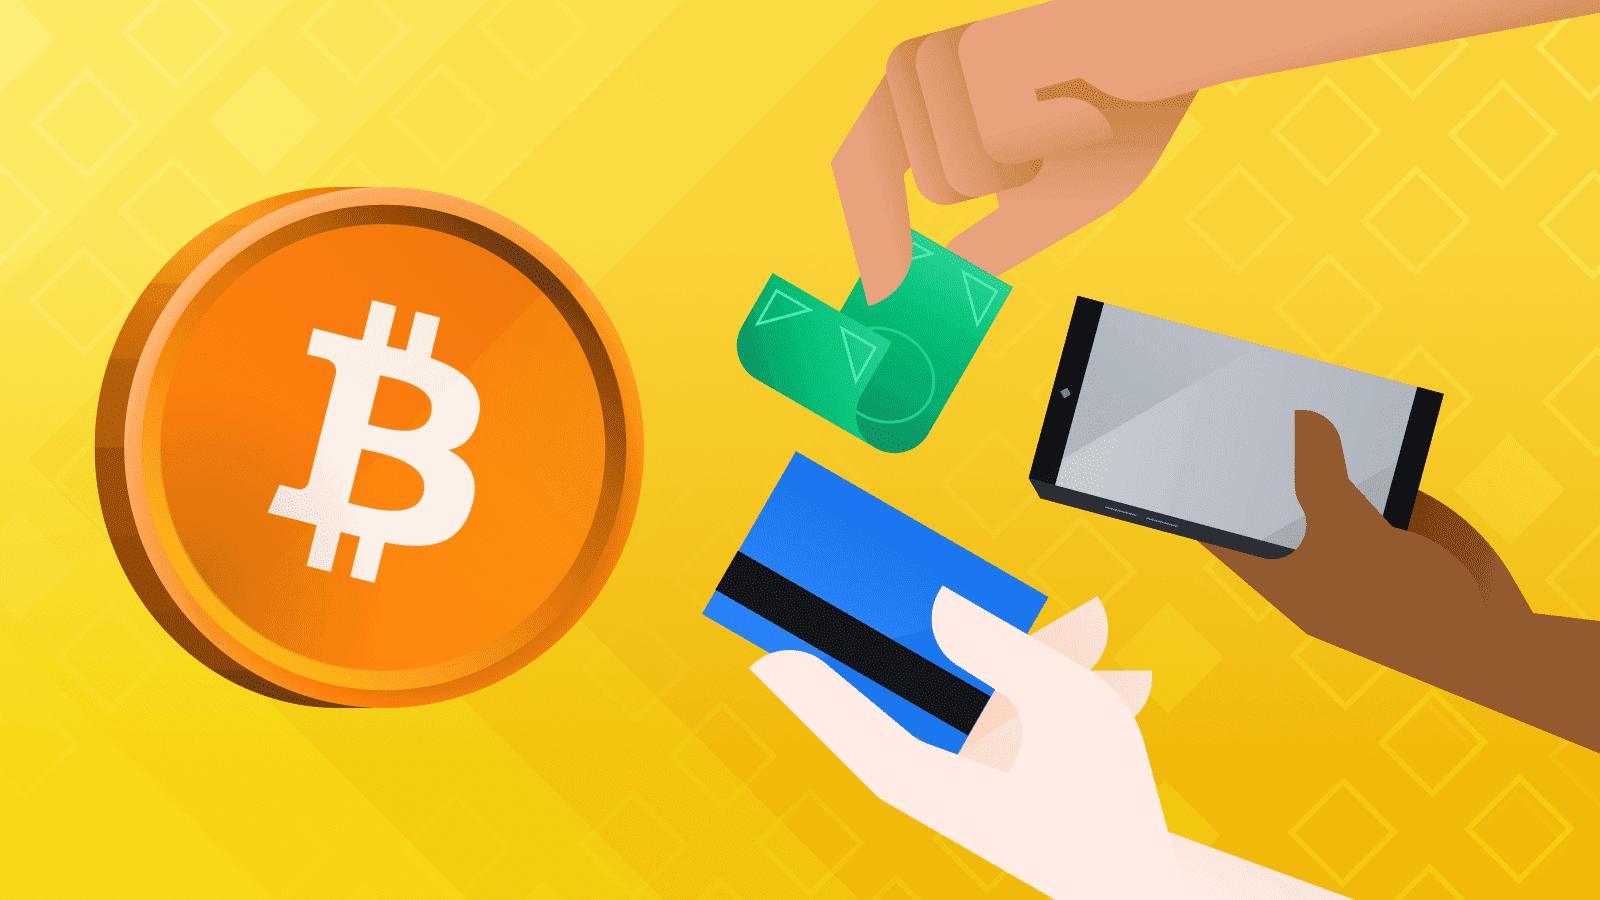 p2p bitcoin trade